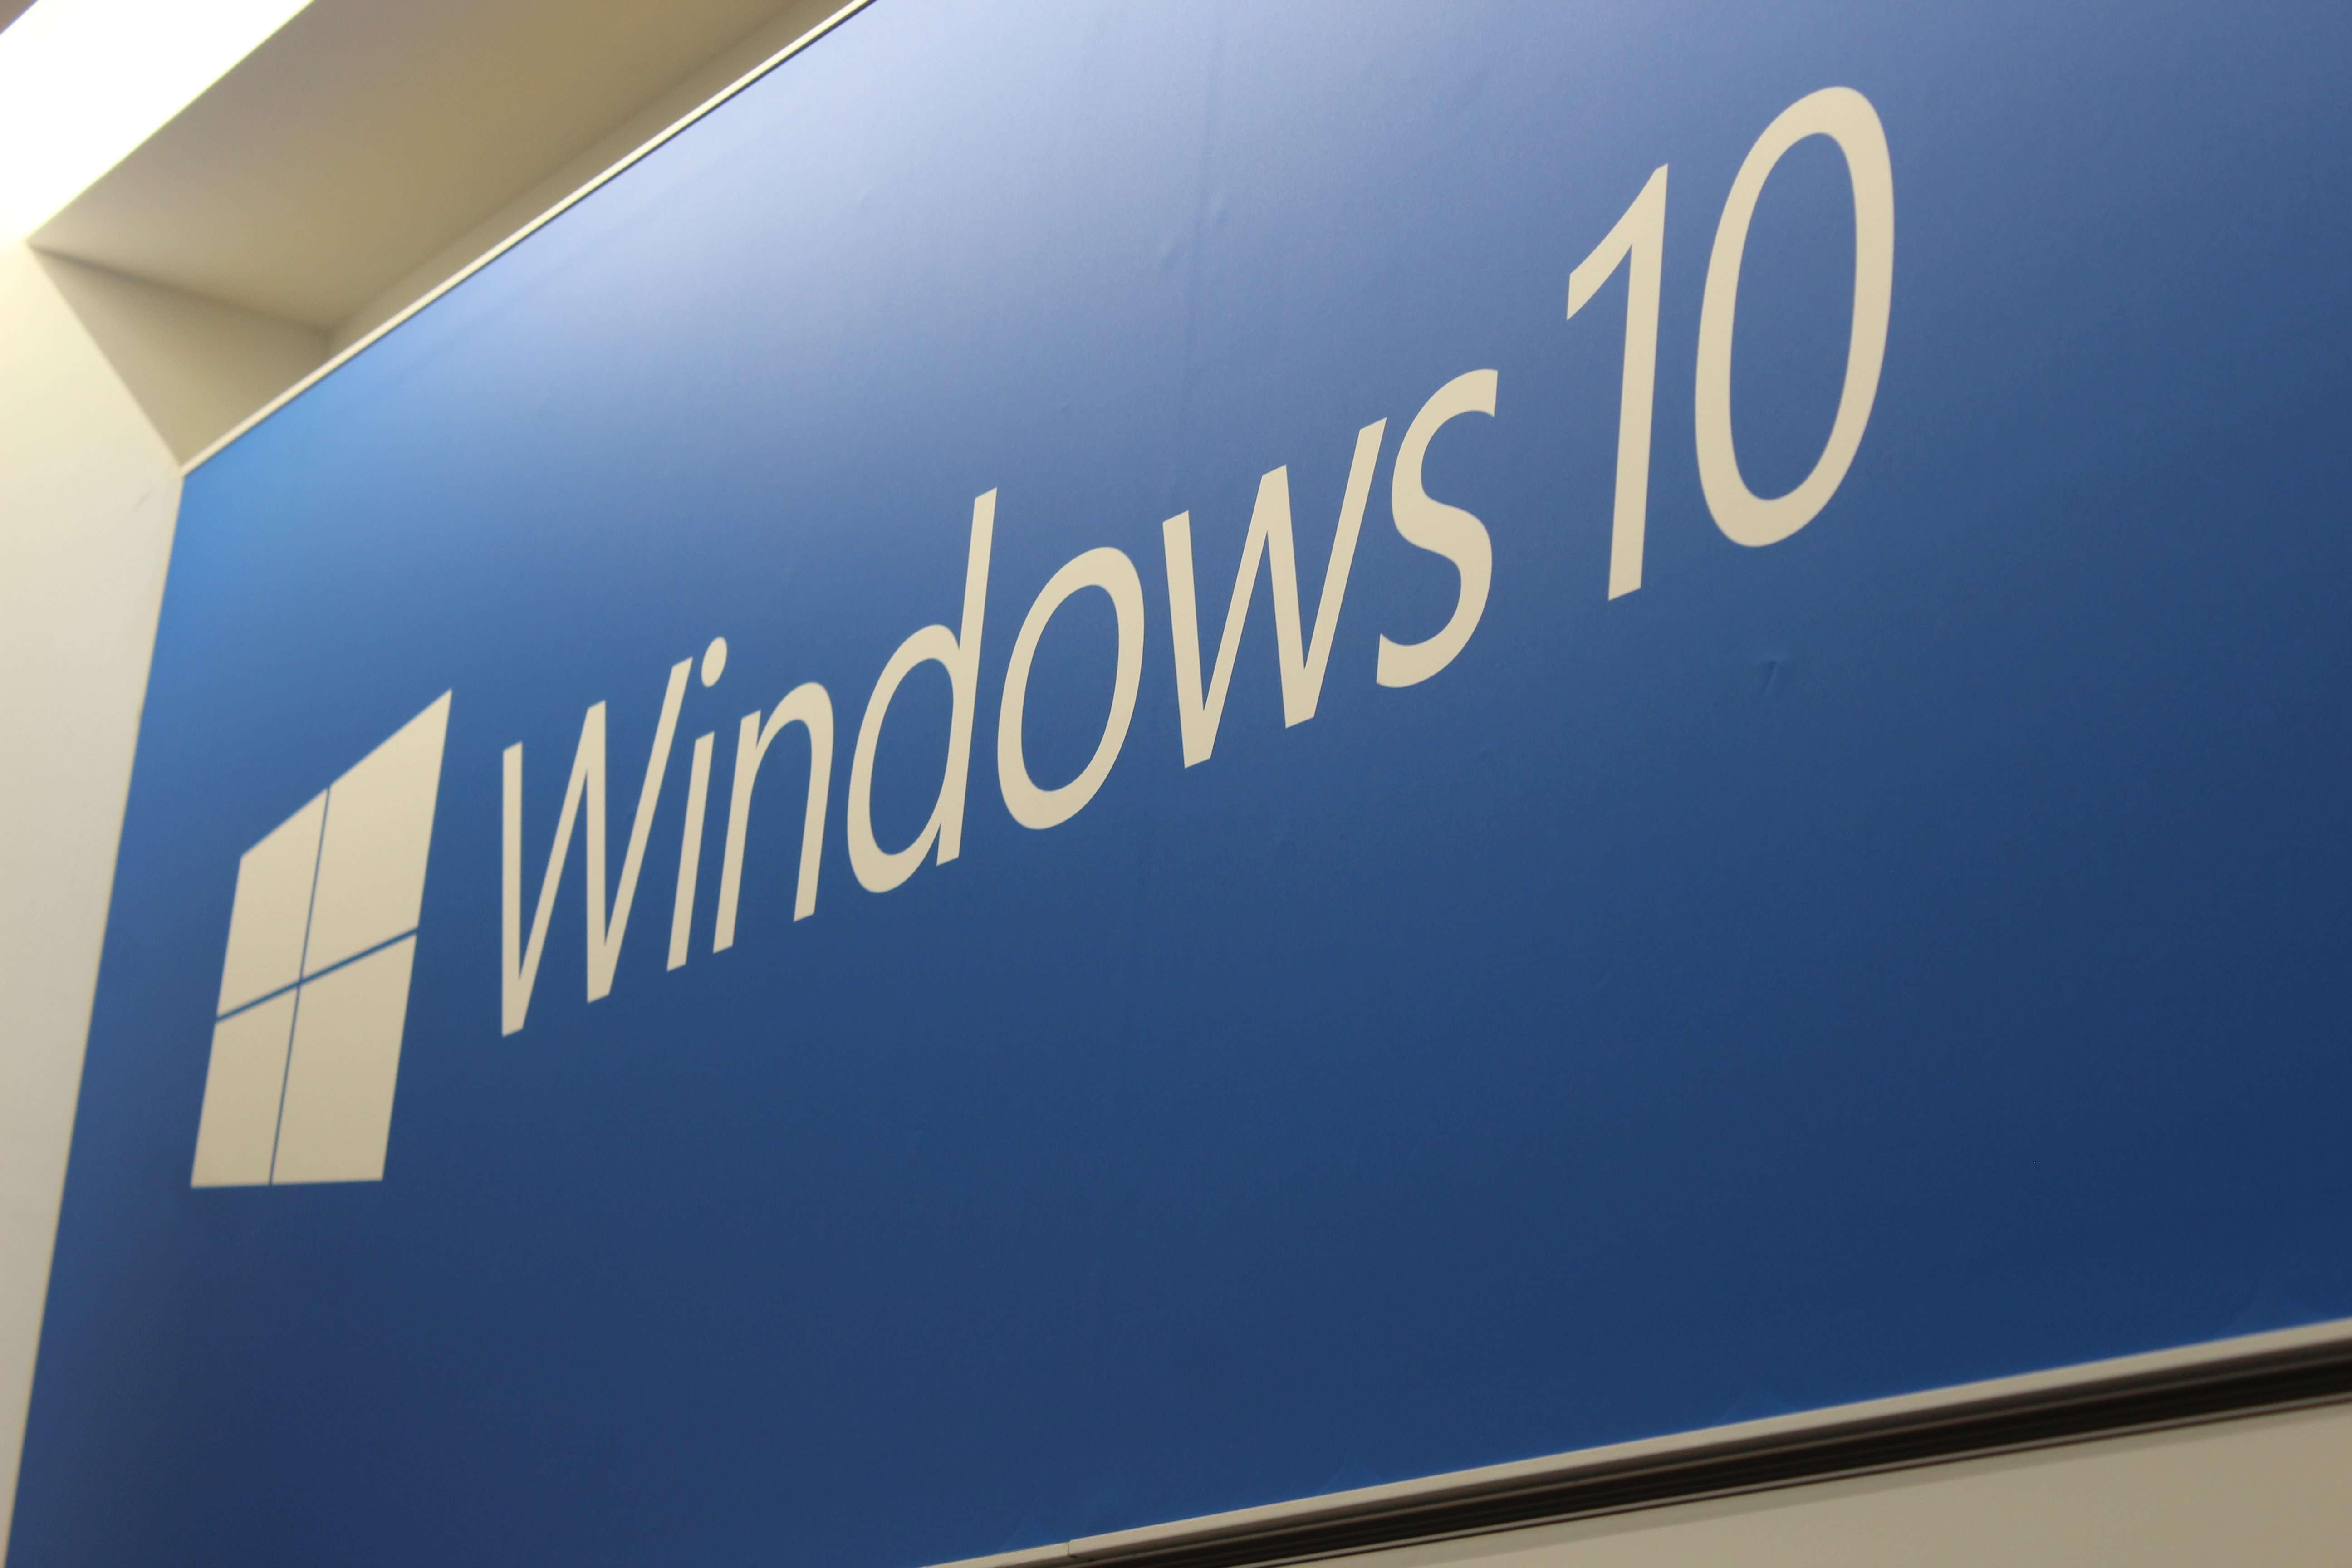 Windows 10 Cloud даст возможность устанавливать Win32 приложения, однако только изWindows Store